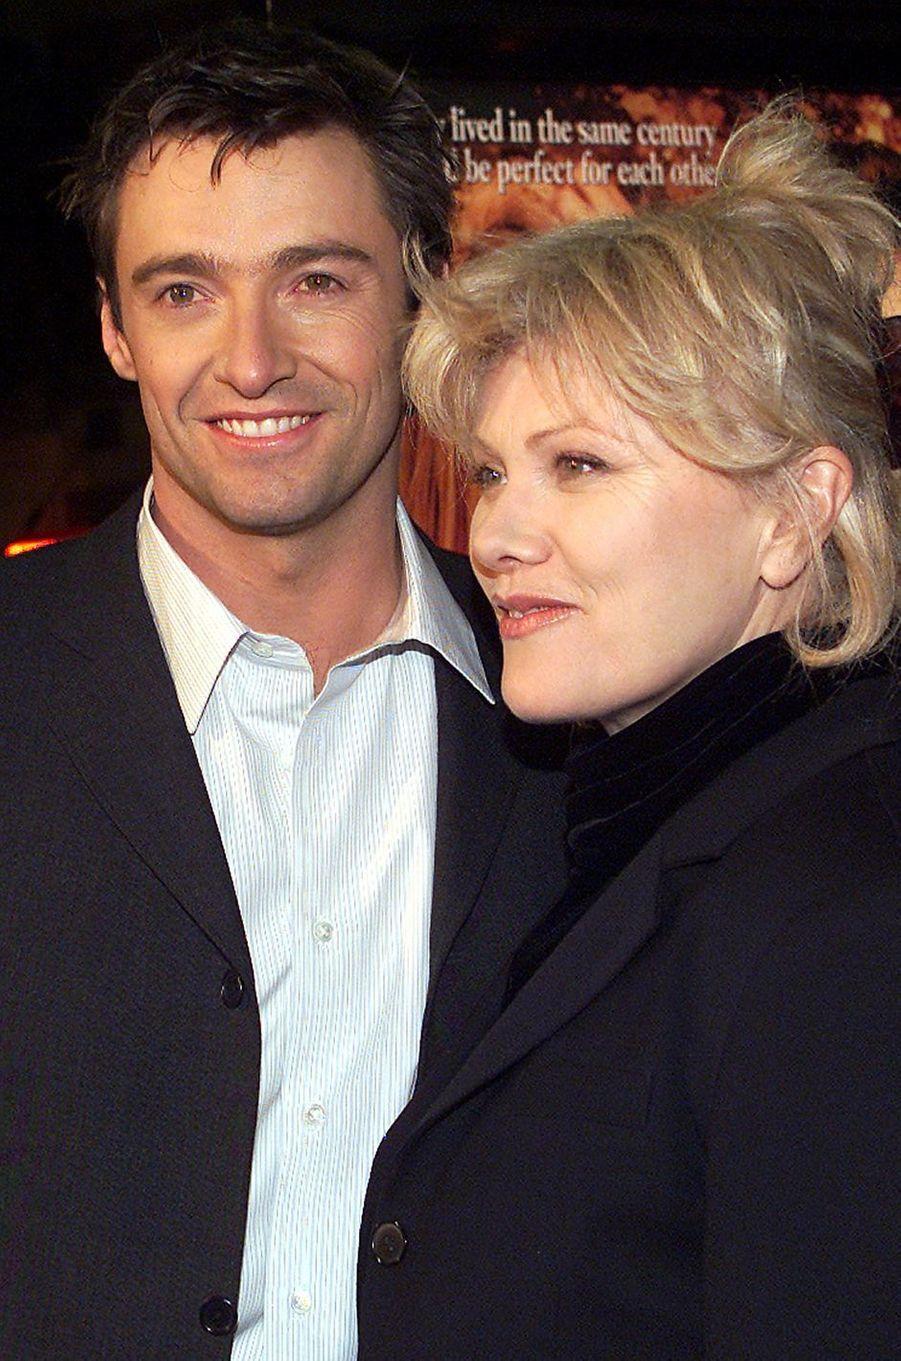 Hugh Jackman et son épouse Debora en 2001